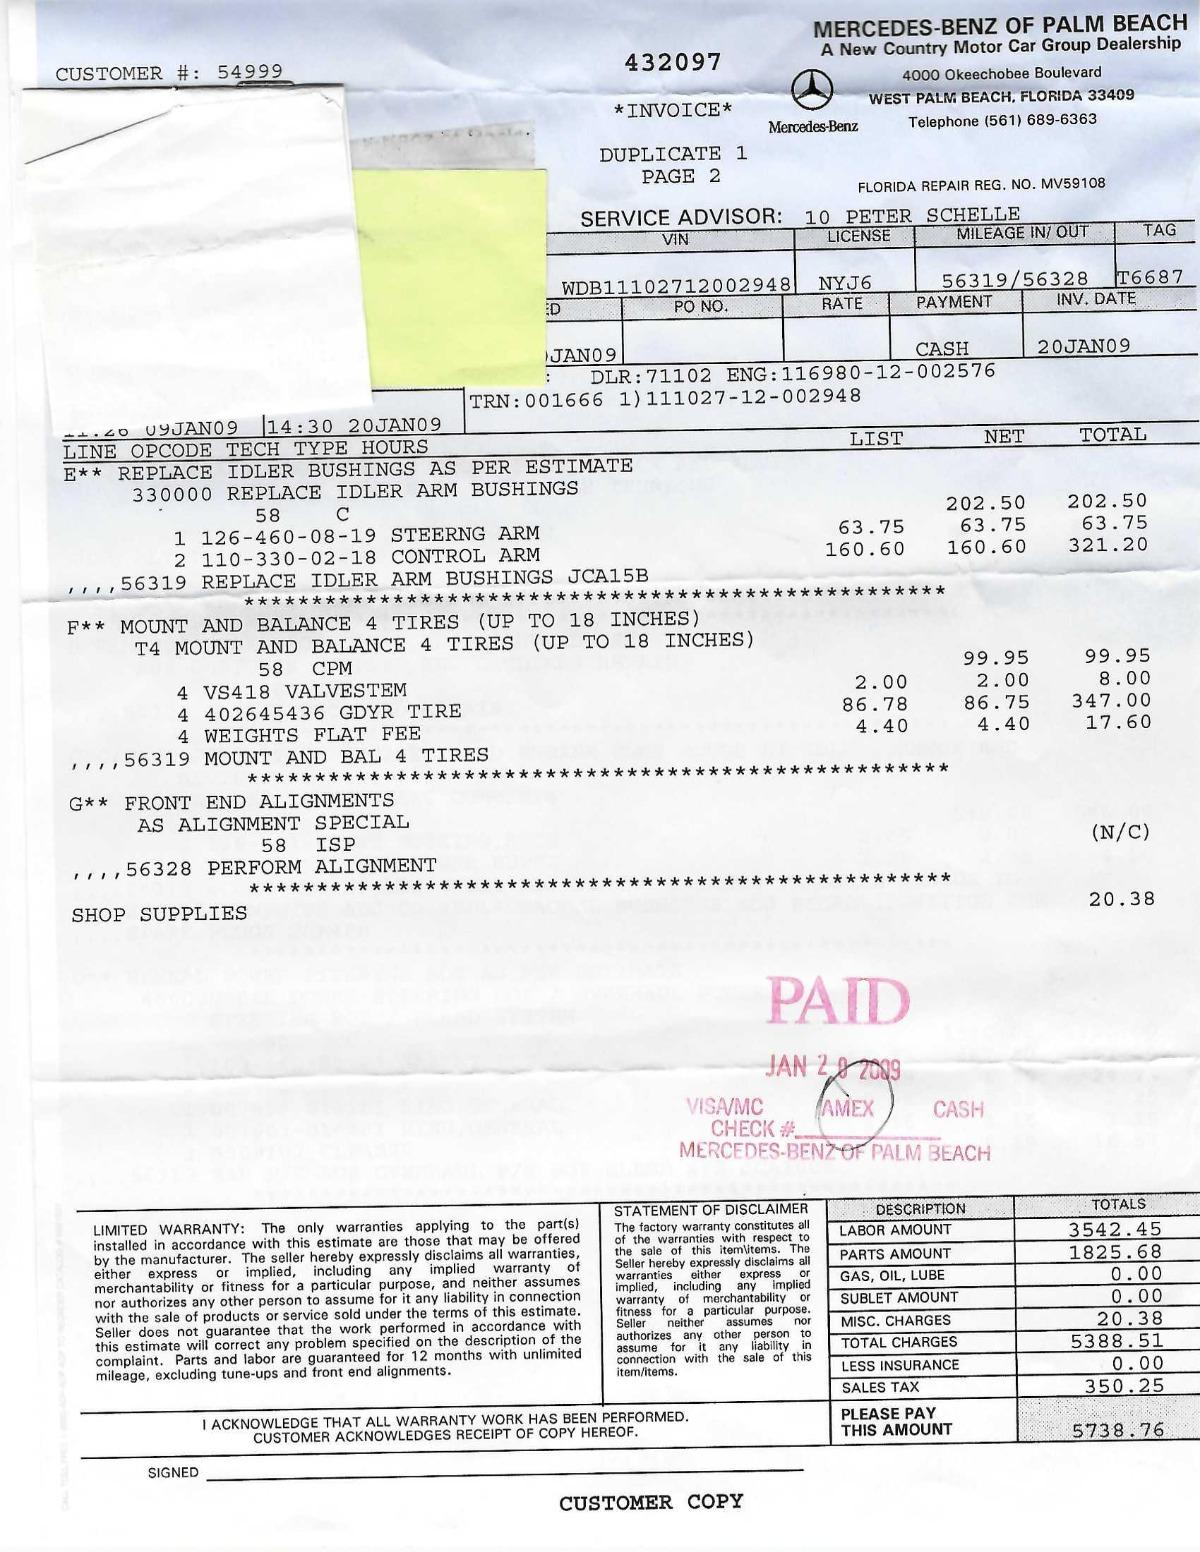 Used 1971 Mercedes-Benz 280SE 3.5 Cabriolet | Los Angeles, CA